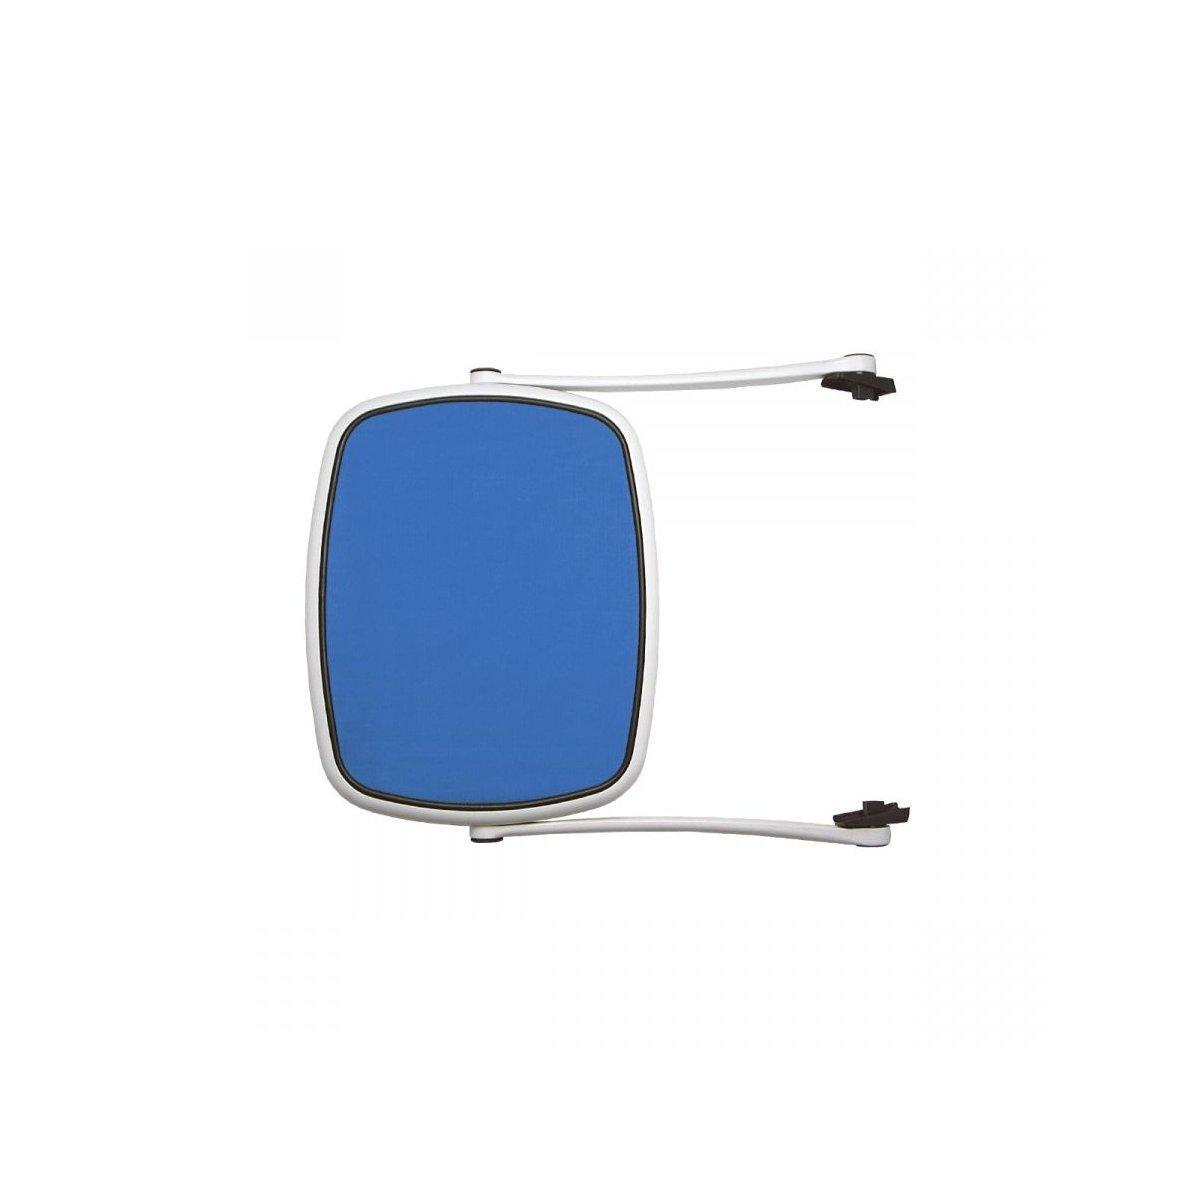 Parasole bianco con tessuto blu - combinazione n. 2 (S)